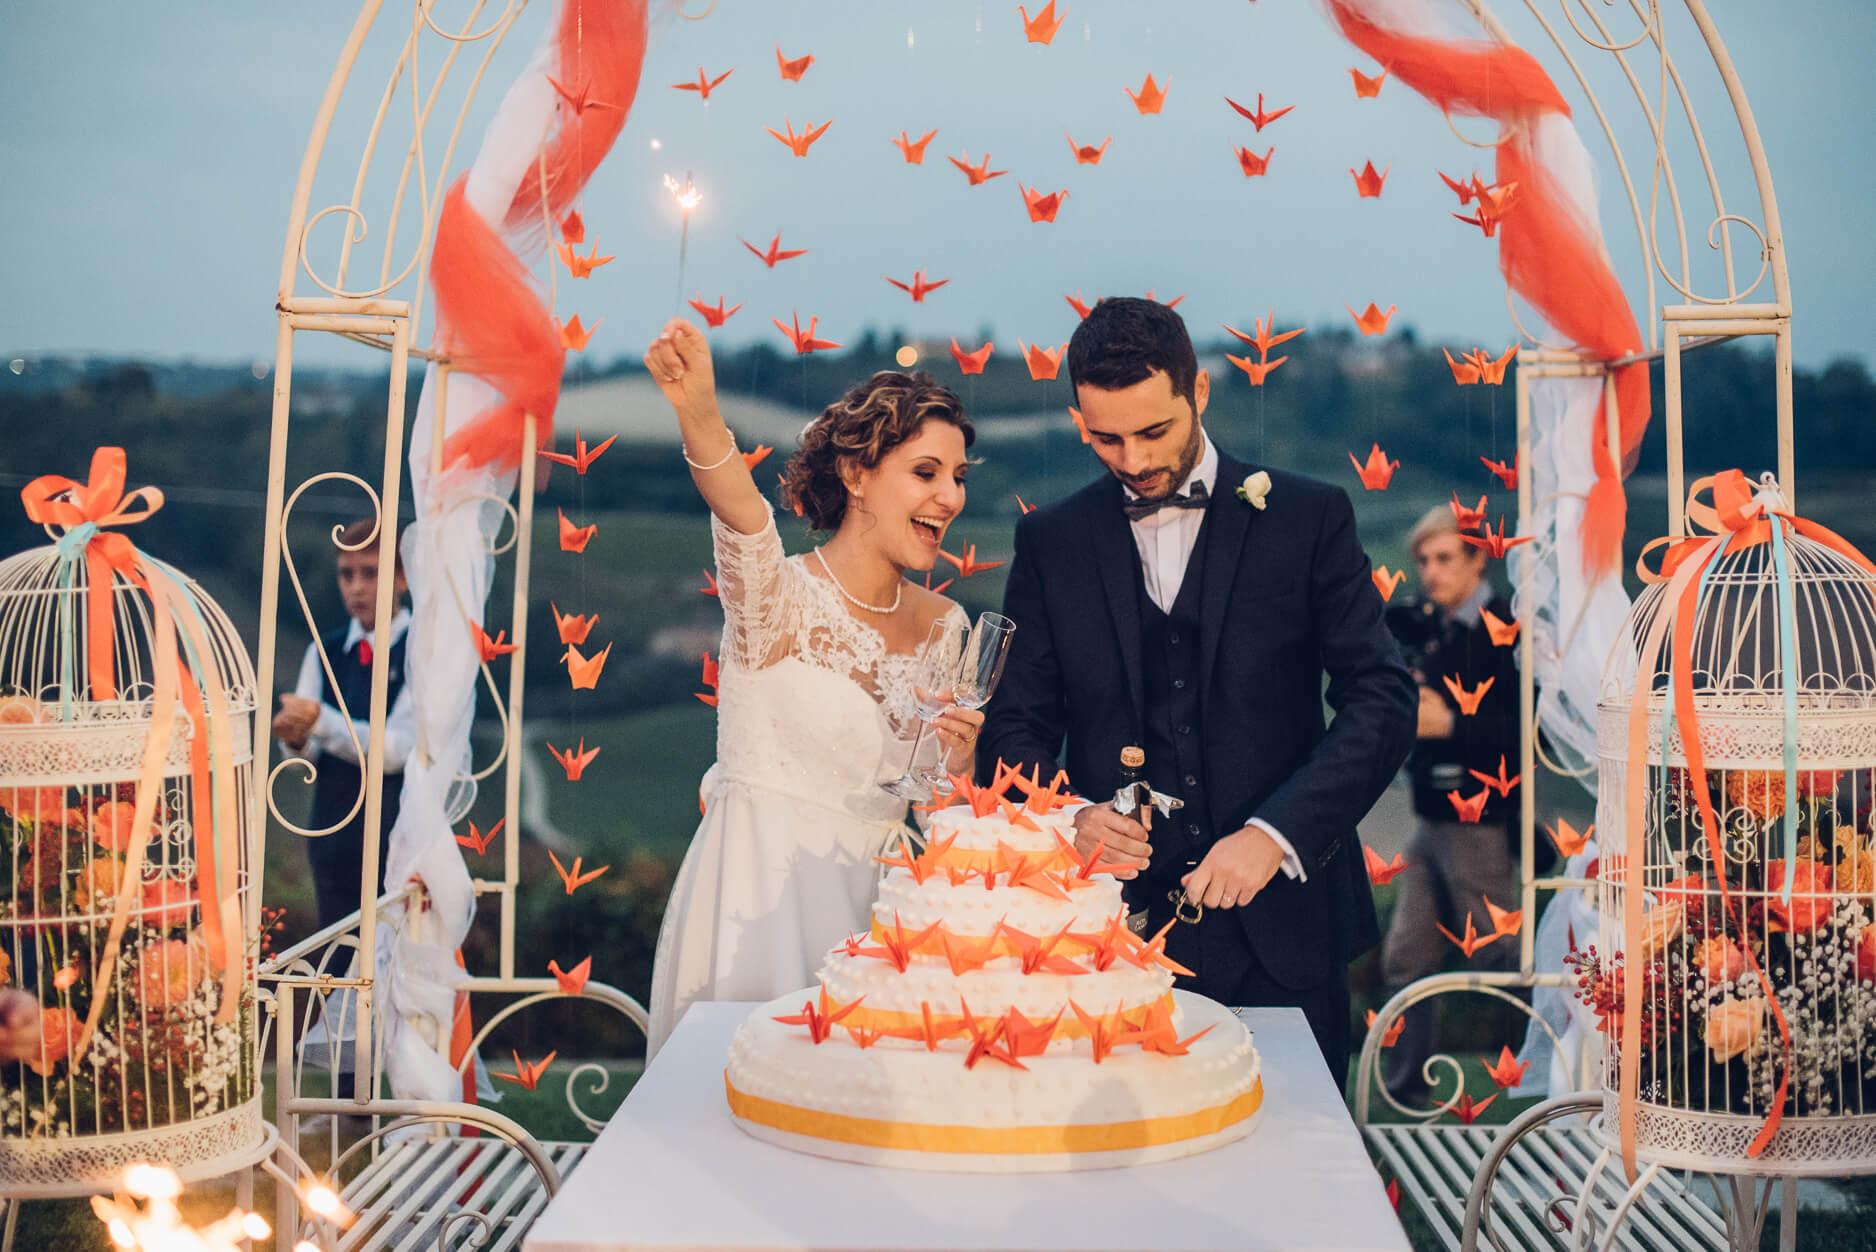 tema matrimonio origami torta